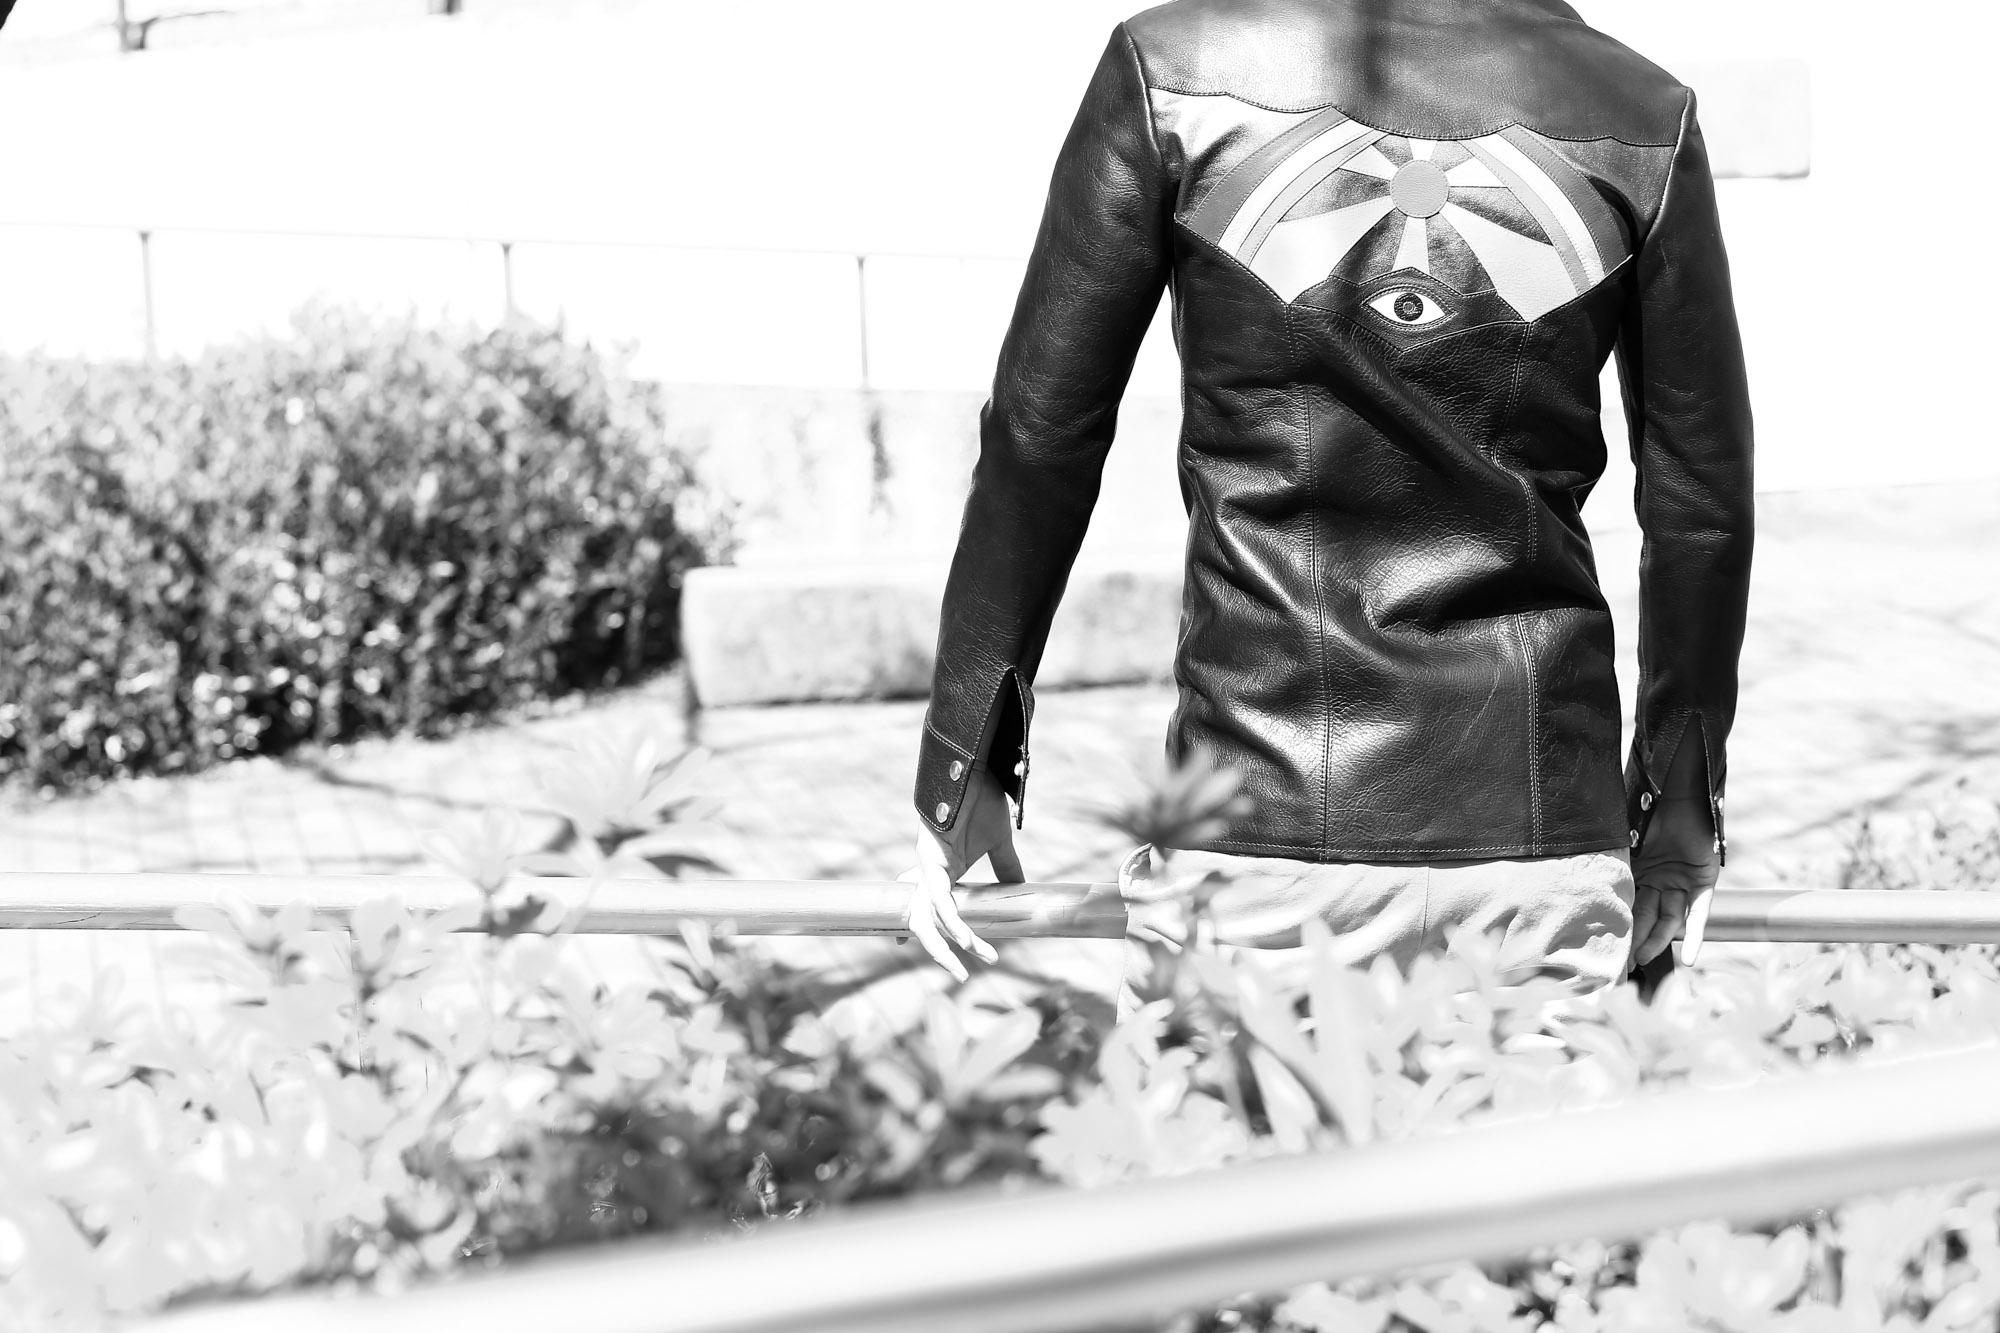 SOUTH PARADISO LEATHER (サウスパラディソレザー) EAST WEST(イーストウエスト) ILLUMINATI RAINBOW SHIRTS(イルミナティレインボーシャツ) レザーシャツ BLACK(ブラック) レザーシャツ パラディソ 愛知 名古屋 Alto e Diritto アルト エ デリット 入荷